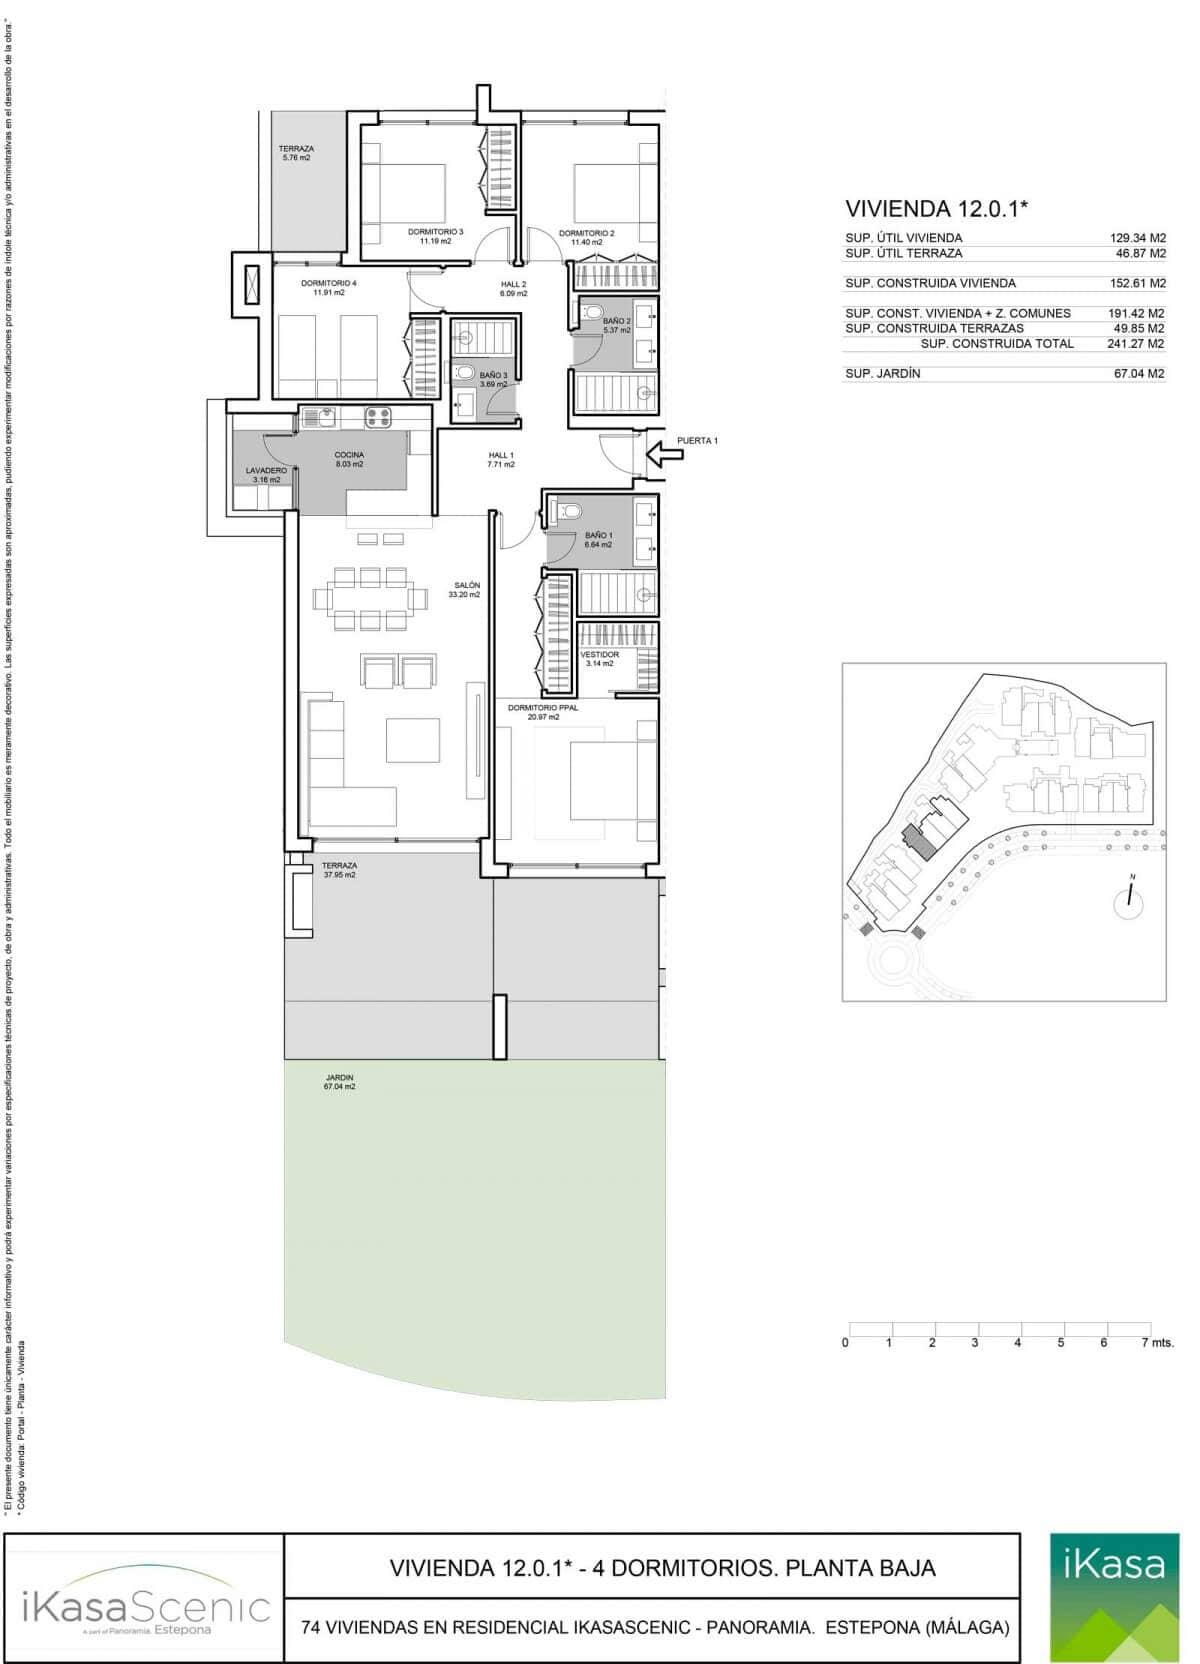 ikasascenic estepona grondplan appartement gelijkvloers slaapkamers 4